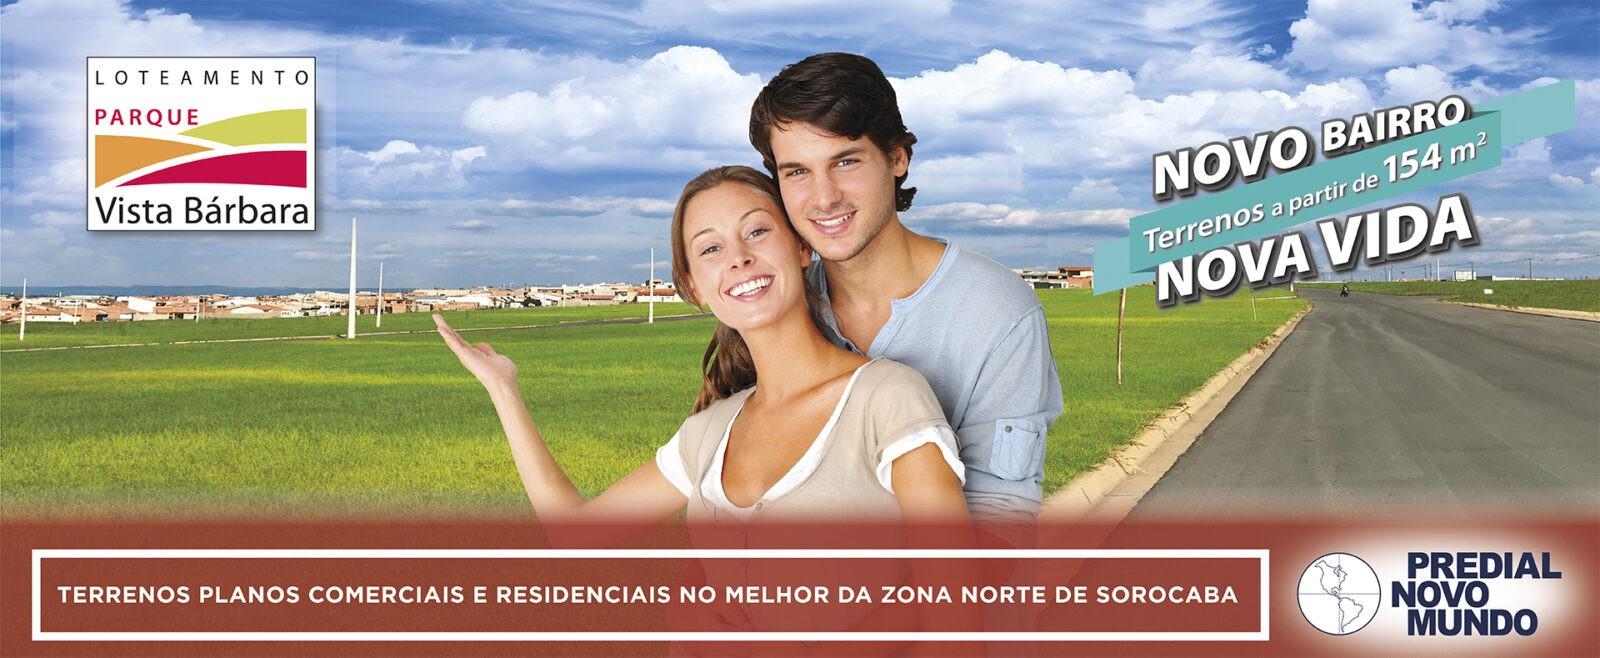 Banners site_Parque Vista Bárbara_Julho 2021